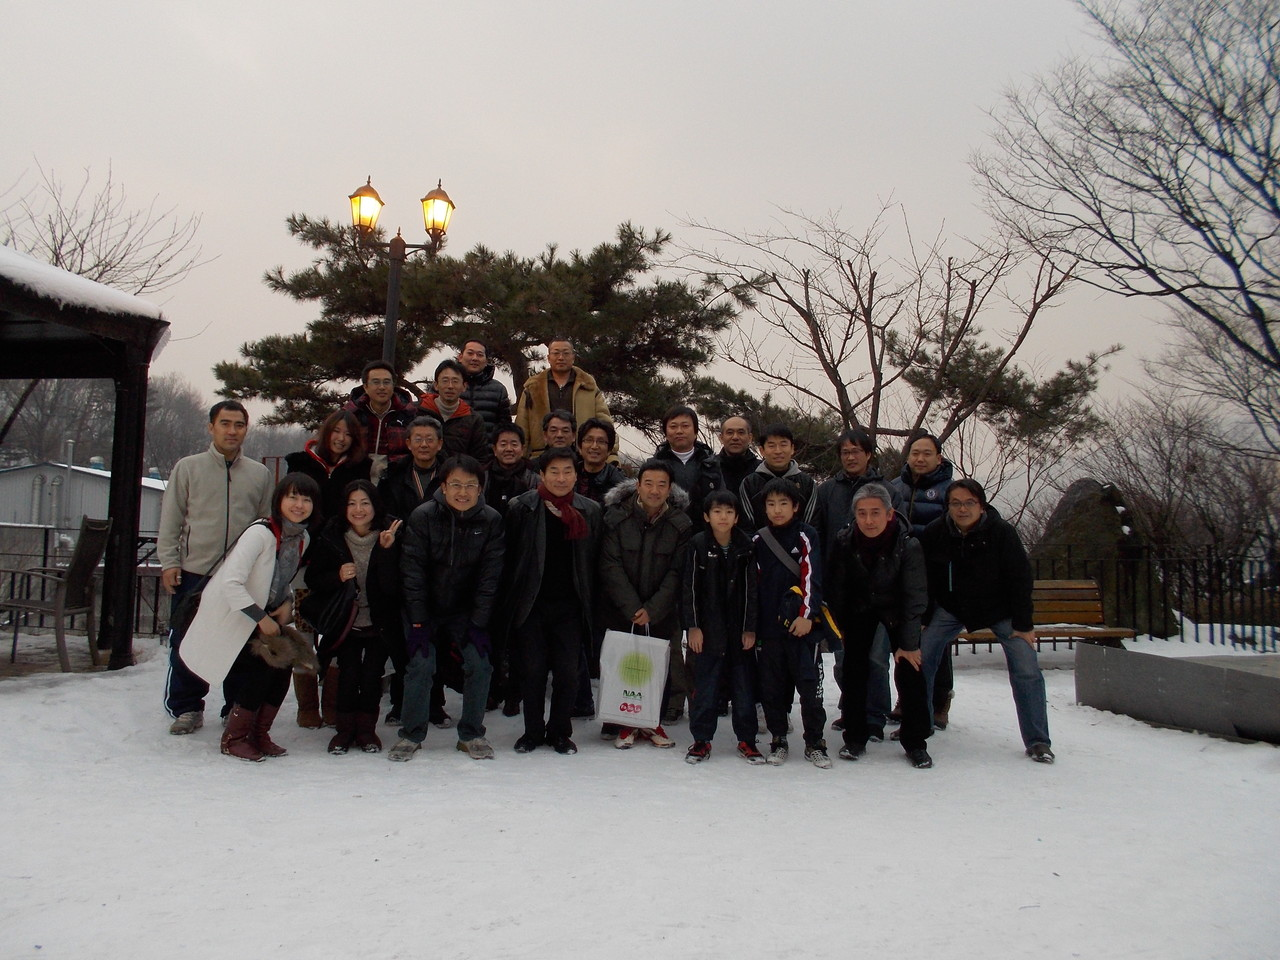 2013年1月 総会、新年会&送別会 今年もよろしくお願いします。